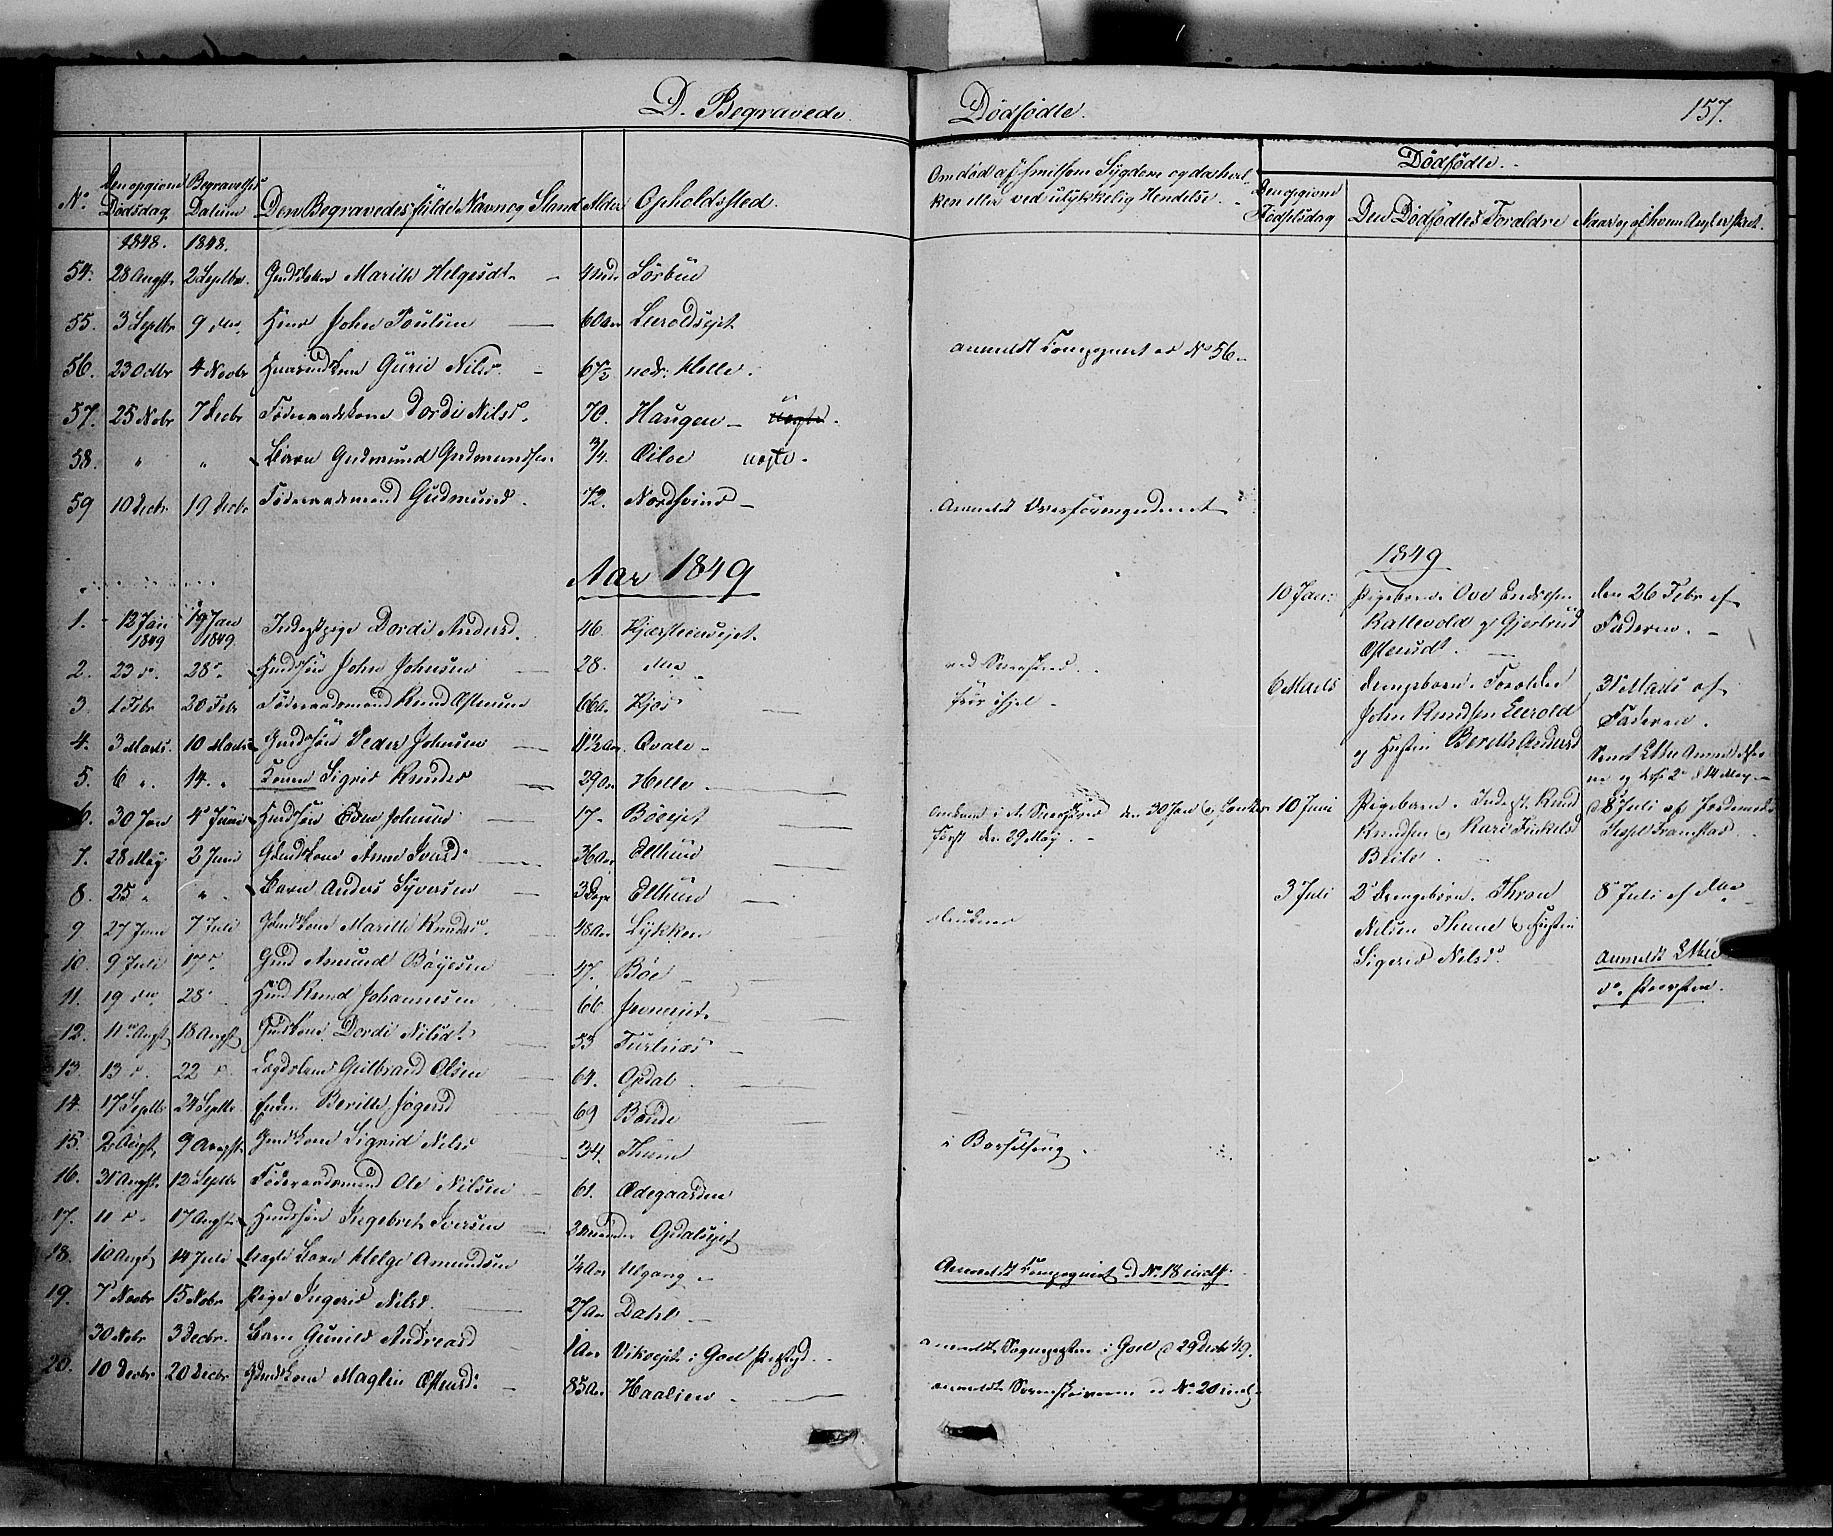 SAH, Vang prestekontor, Valdres, Ministerialbok nr. 6, 1846-1864, s. 157